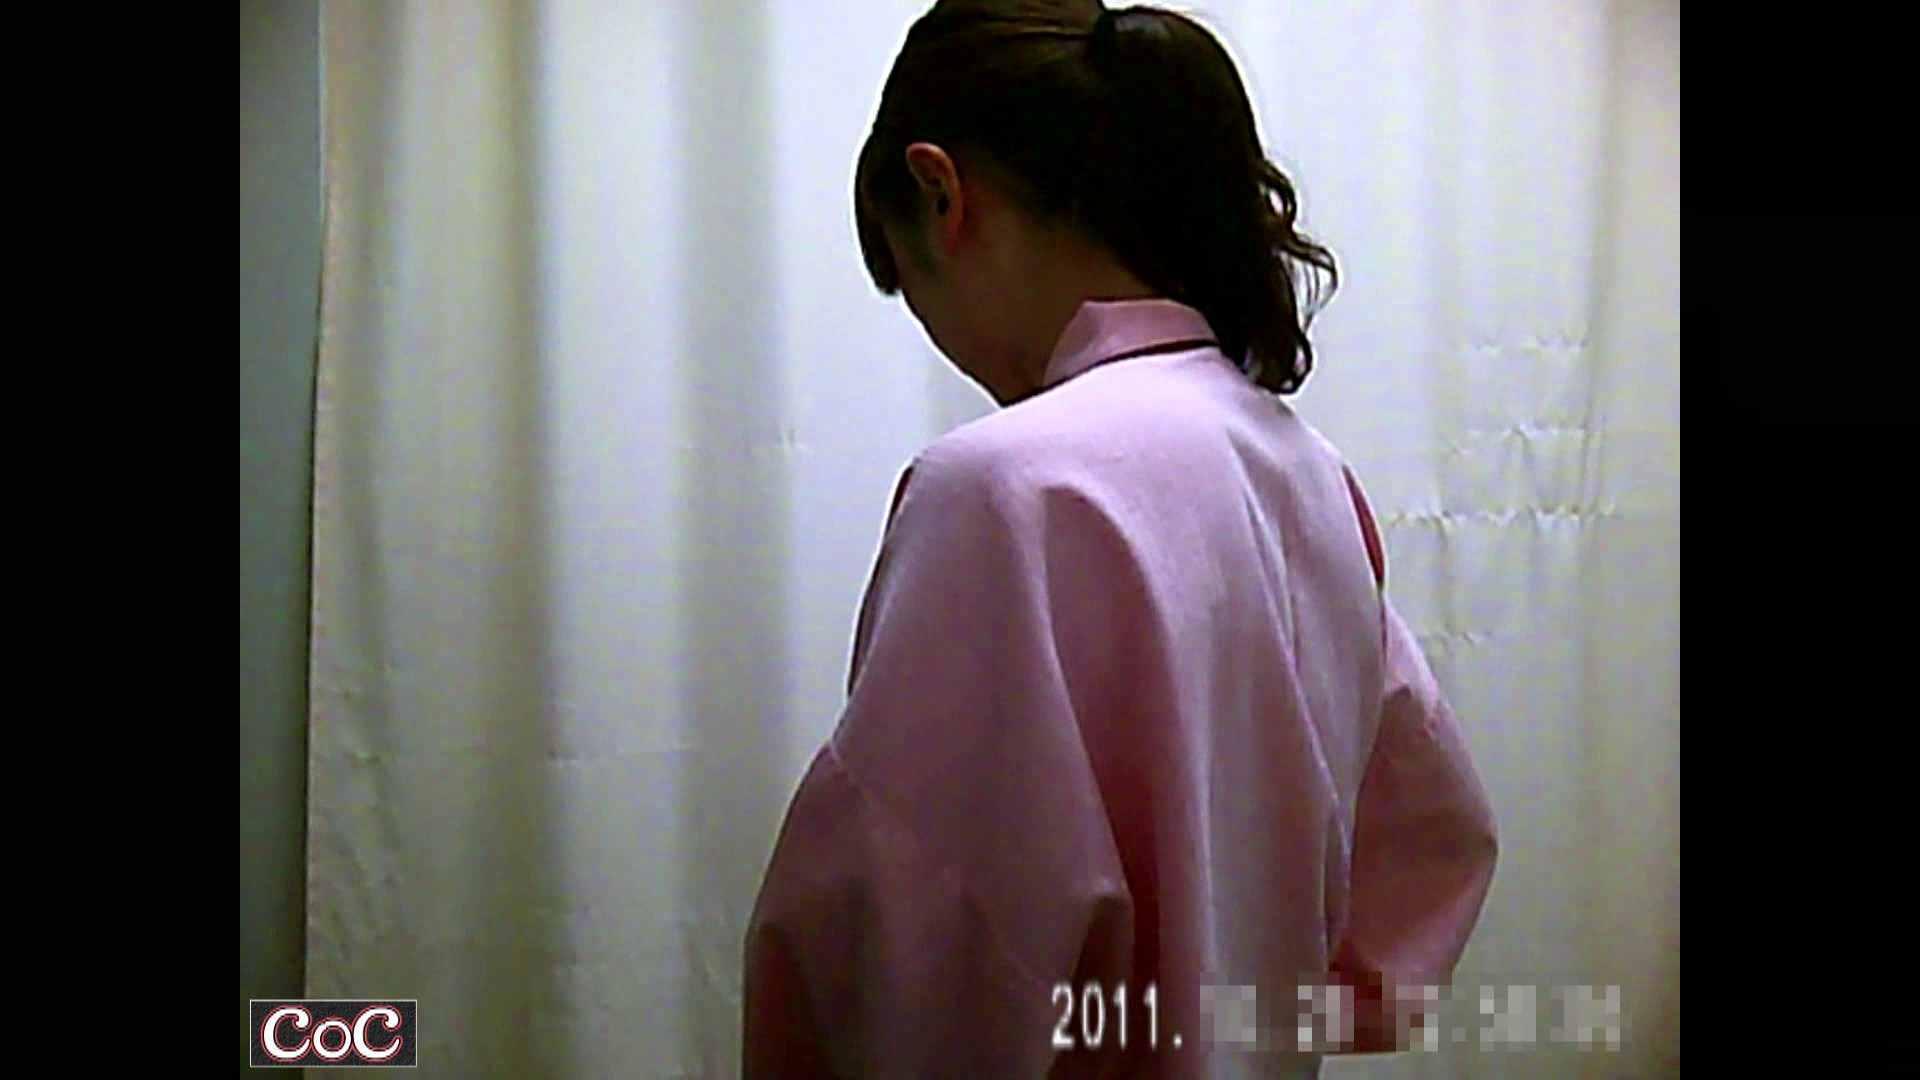 元医者による反抗 更衣室地獄絵巻 vol.221 OL  99pic 20